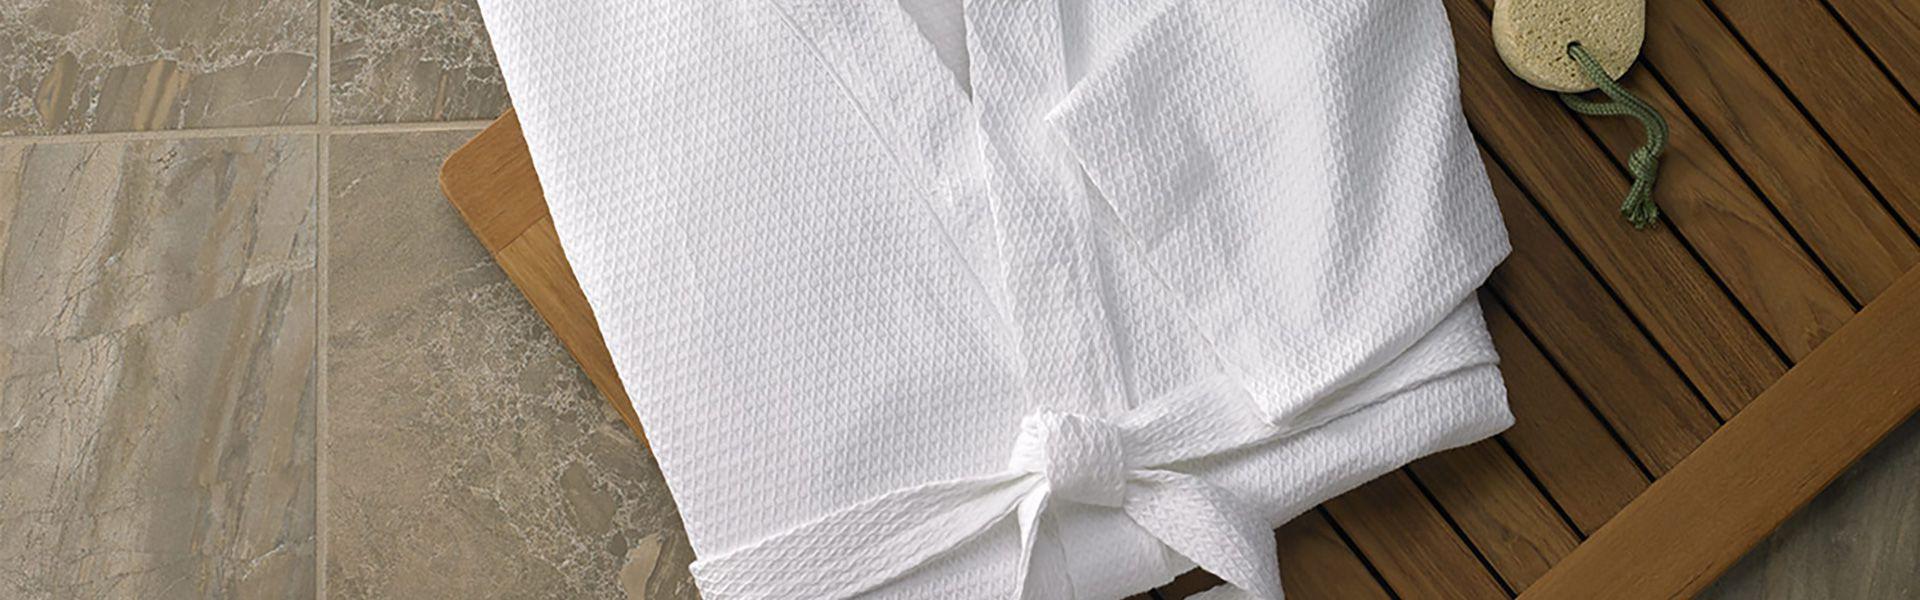 Λευκά Είδη - Μπουρνούζια - Εργοστάσιο Παραγωγής Αθήνα